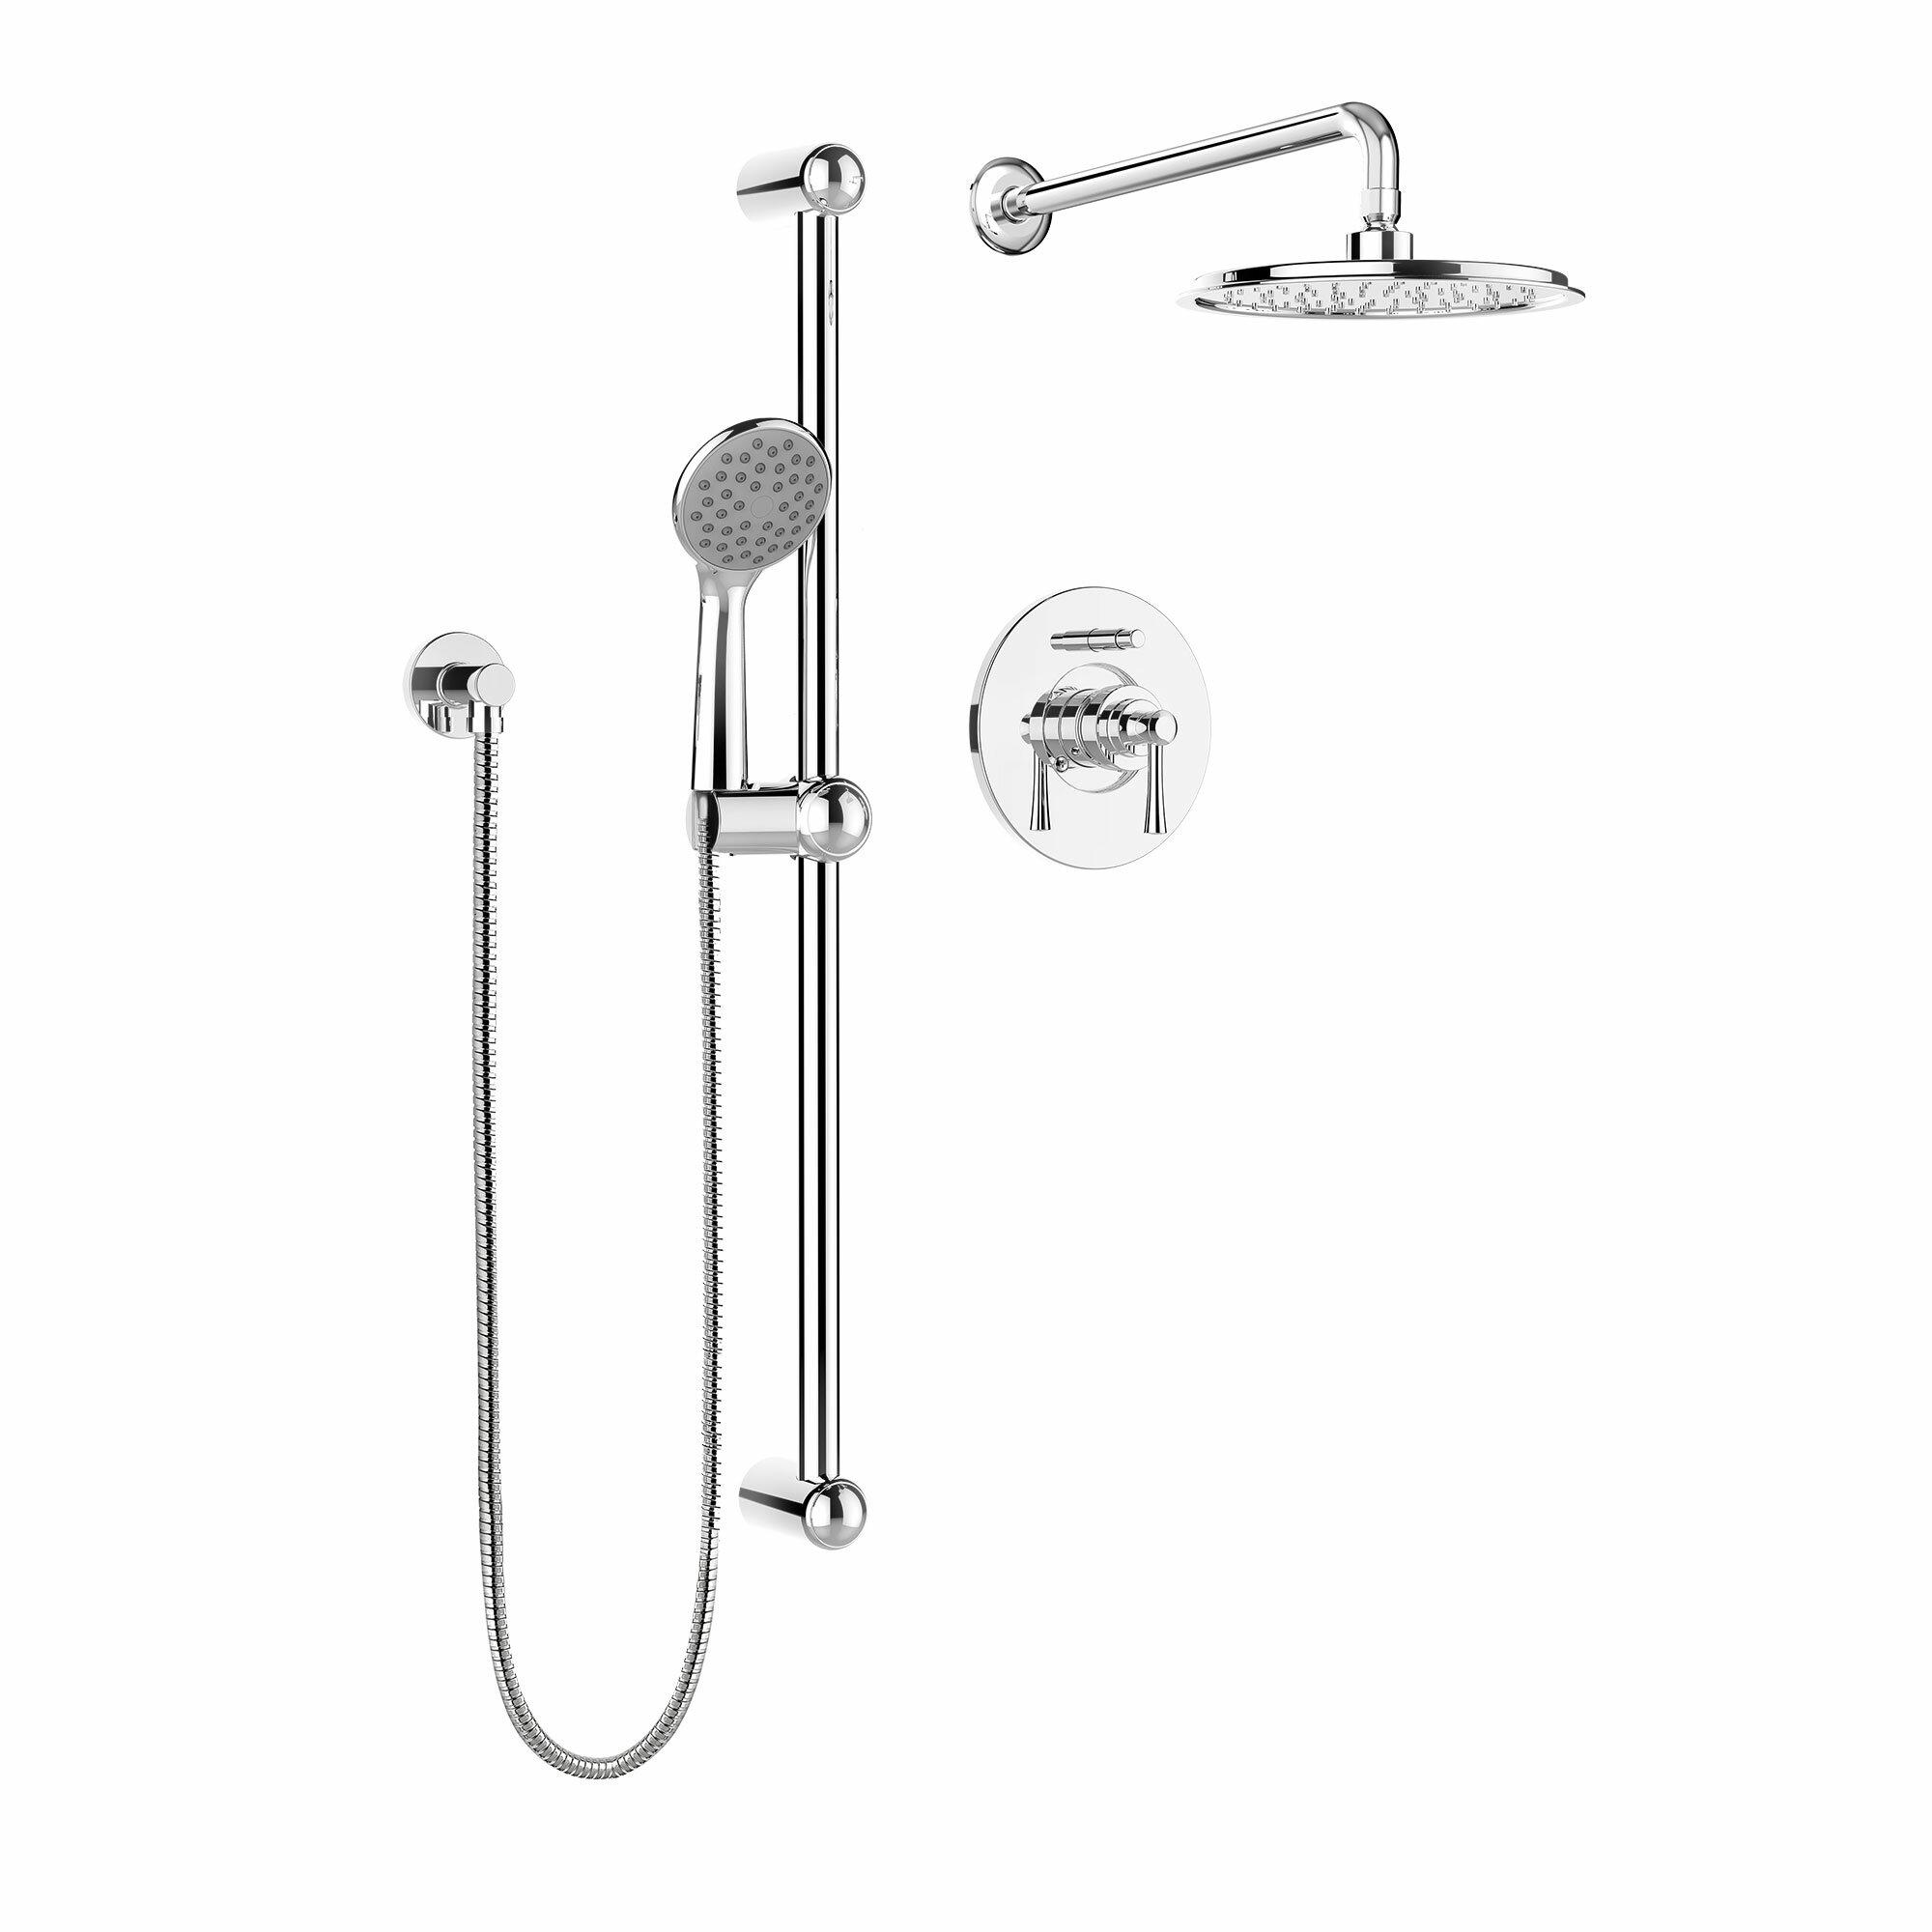 KIT NEO130CCP Belanger Pressure Balanced Diverter Dual Shower Head Complete  Shower System